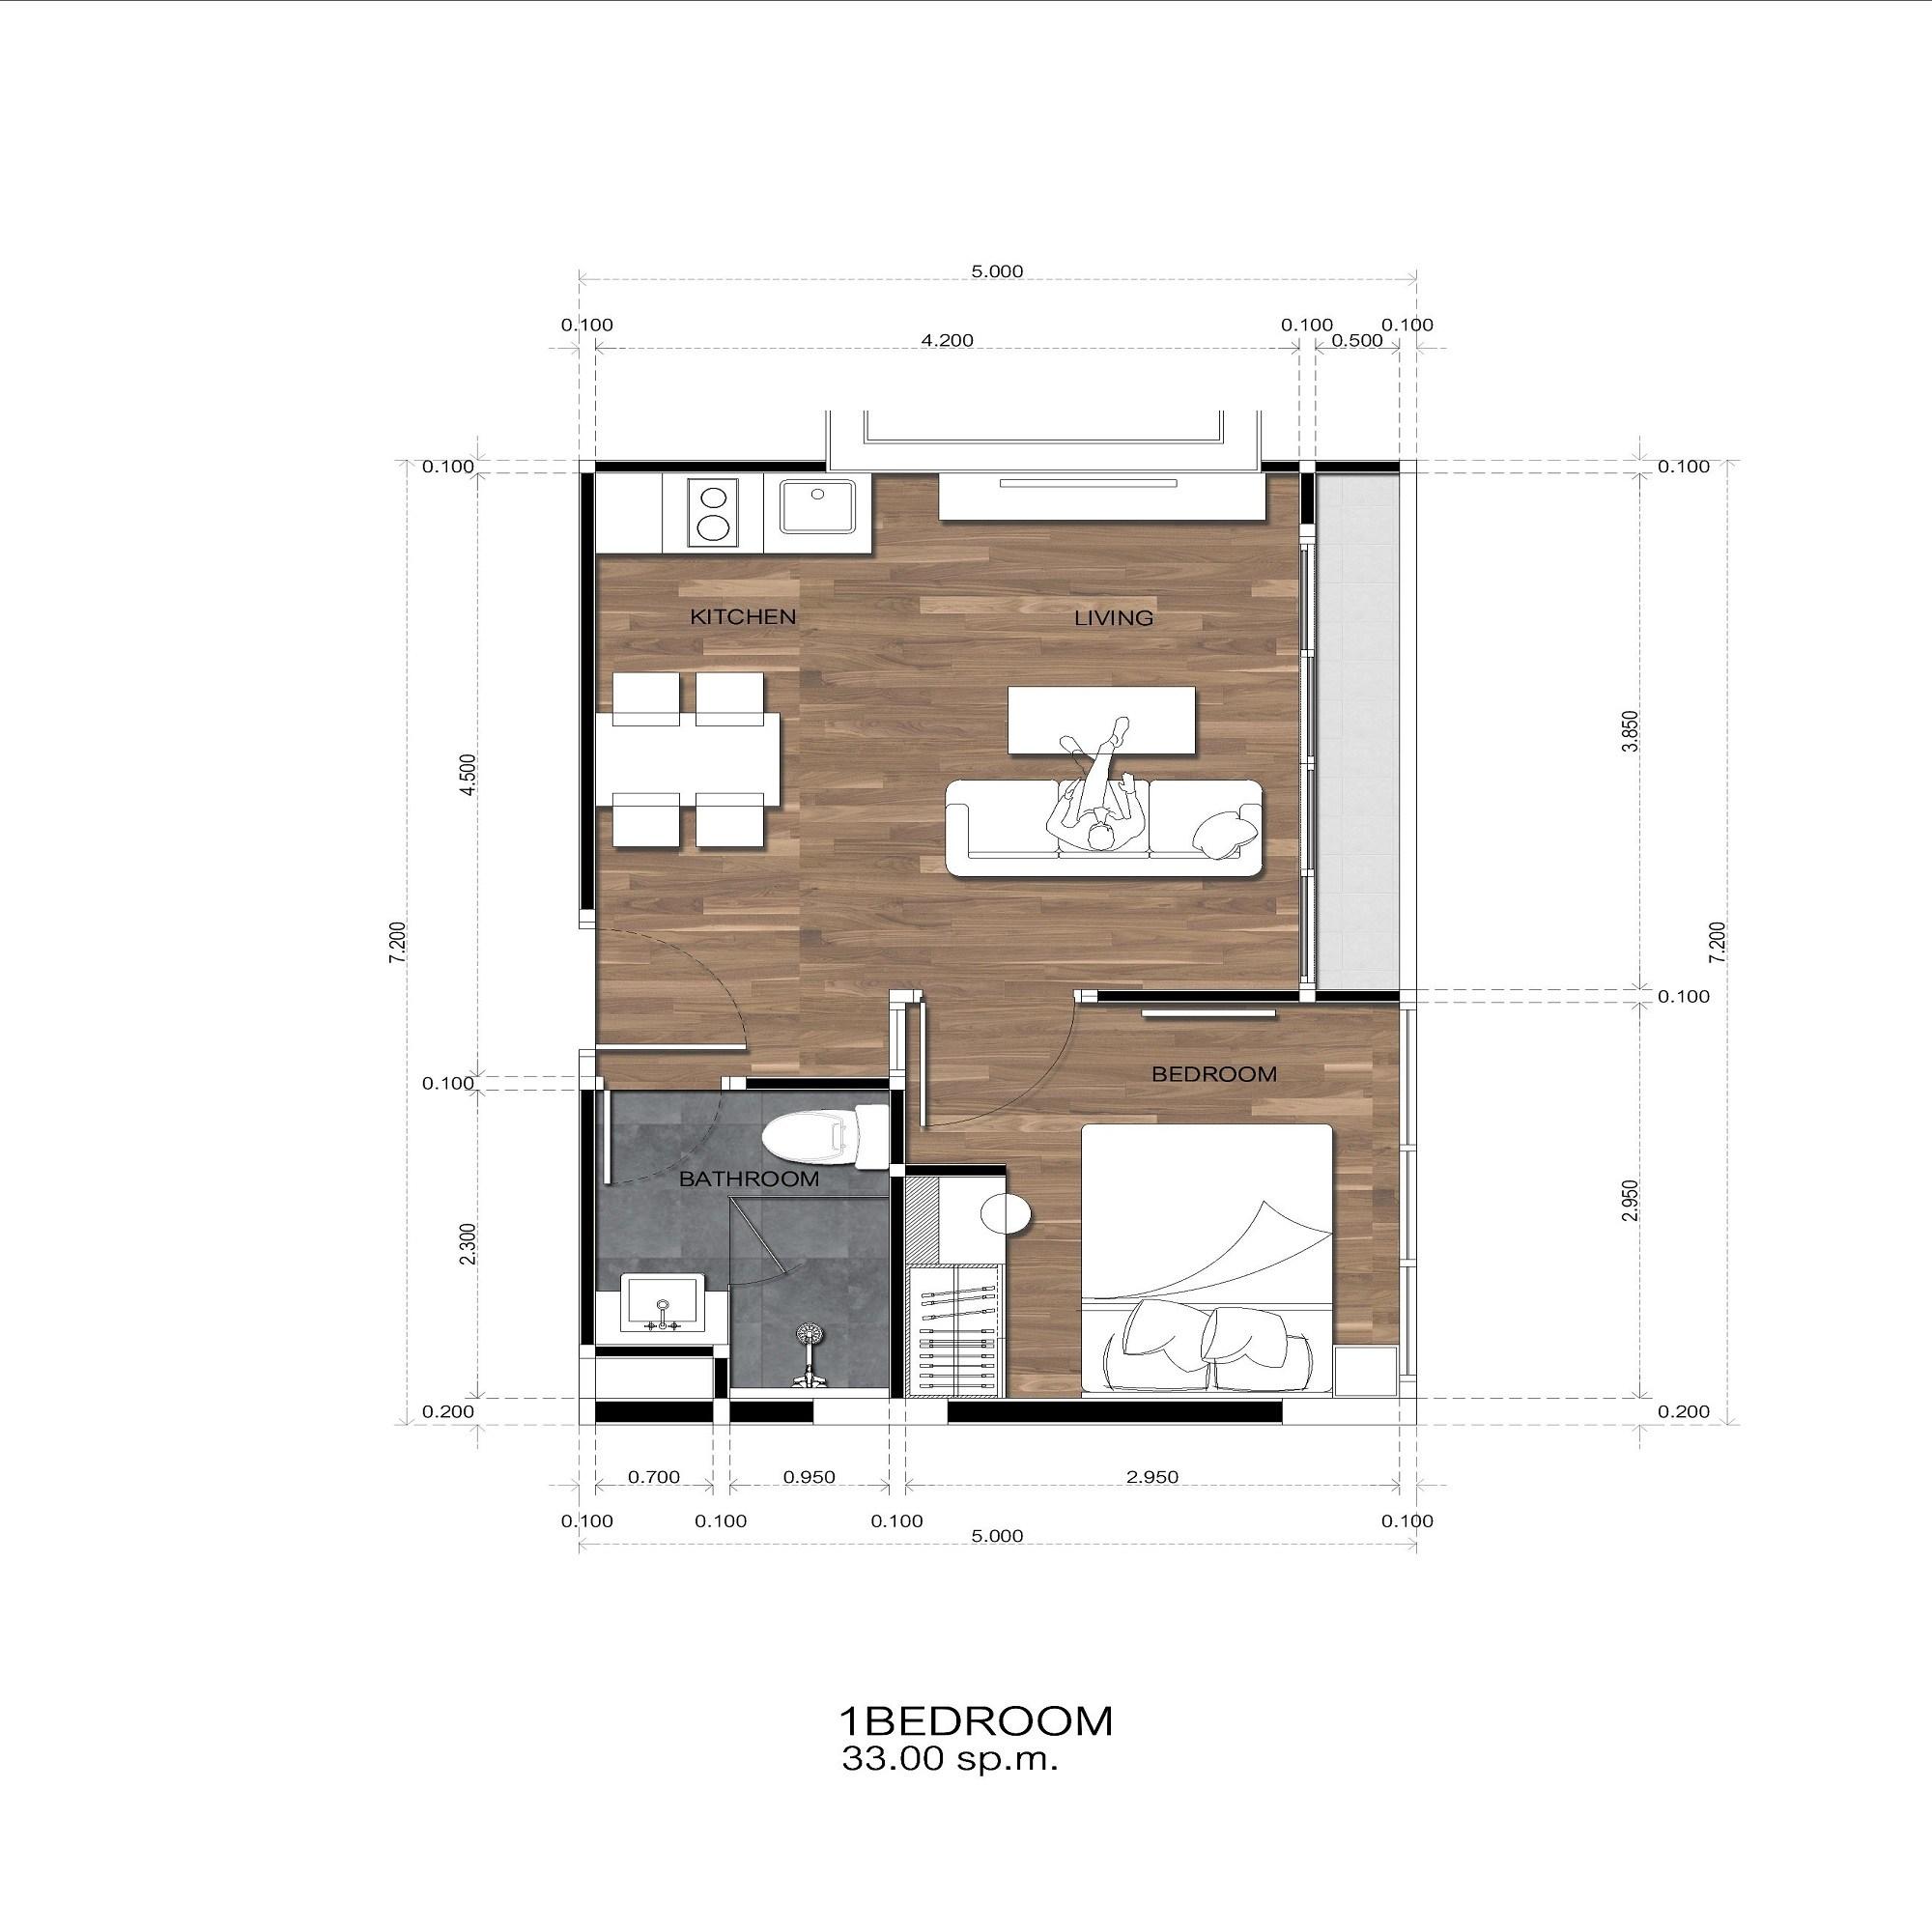 Amigo Grandeur Condominiums floorplan 480sqft east facing